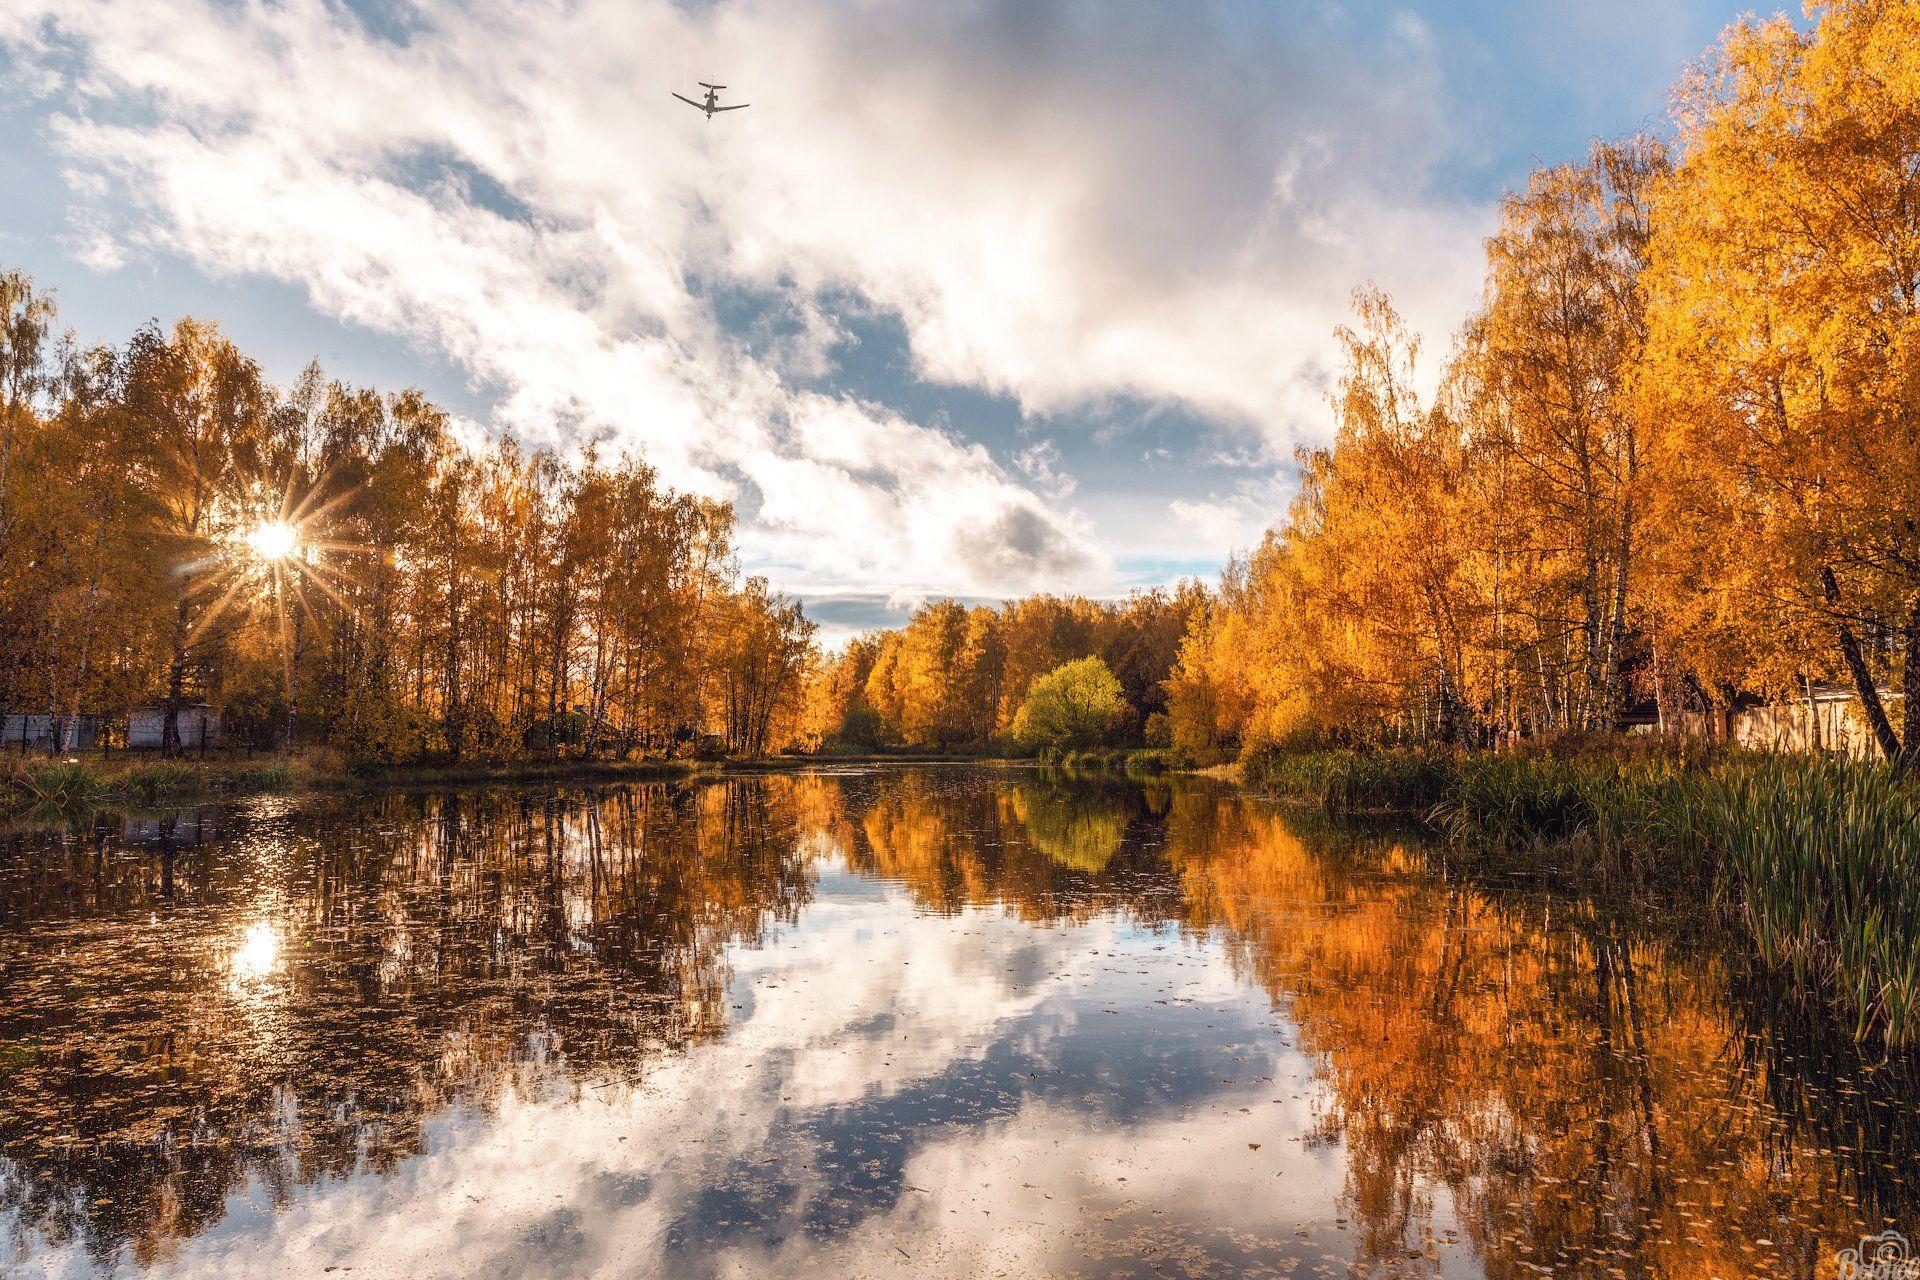 шереметьевский пруд,долгопрудный,московская область,подмосковье,осень, Вьюнов Сергей